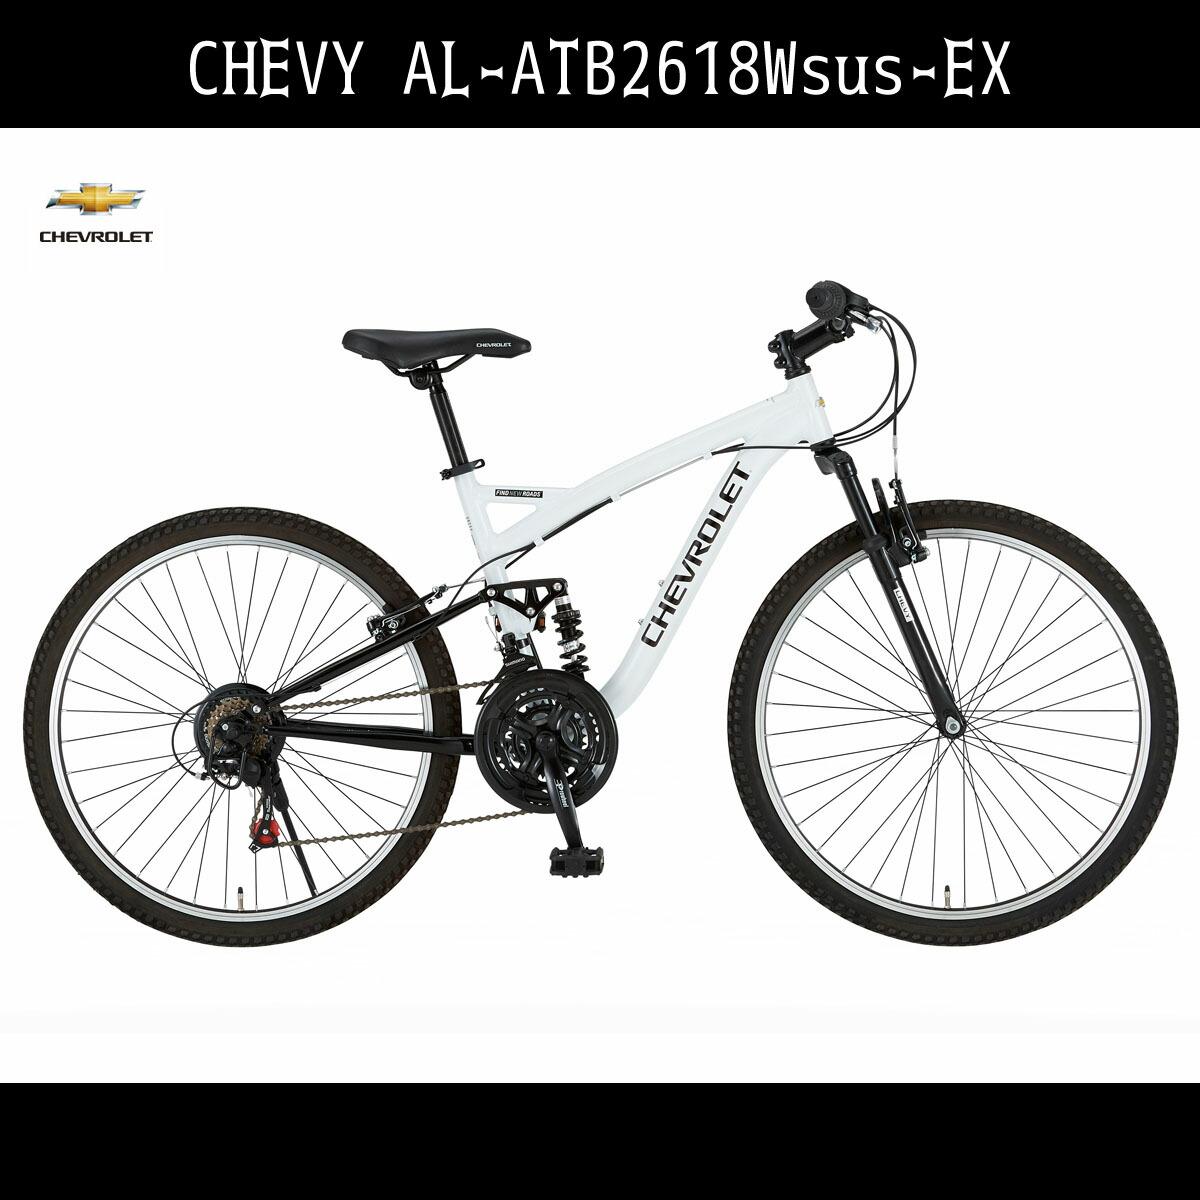 マウンテンバイク シボレー 自転車 ホワイト/白色26インチ マウンテンバイク 外装18段変速ギア アルミ CHEVROLET CHEVY シェビー 自転車 シボレー AL-ATB2618EX アルミニウム